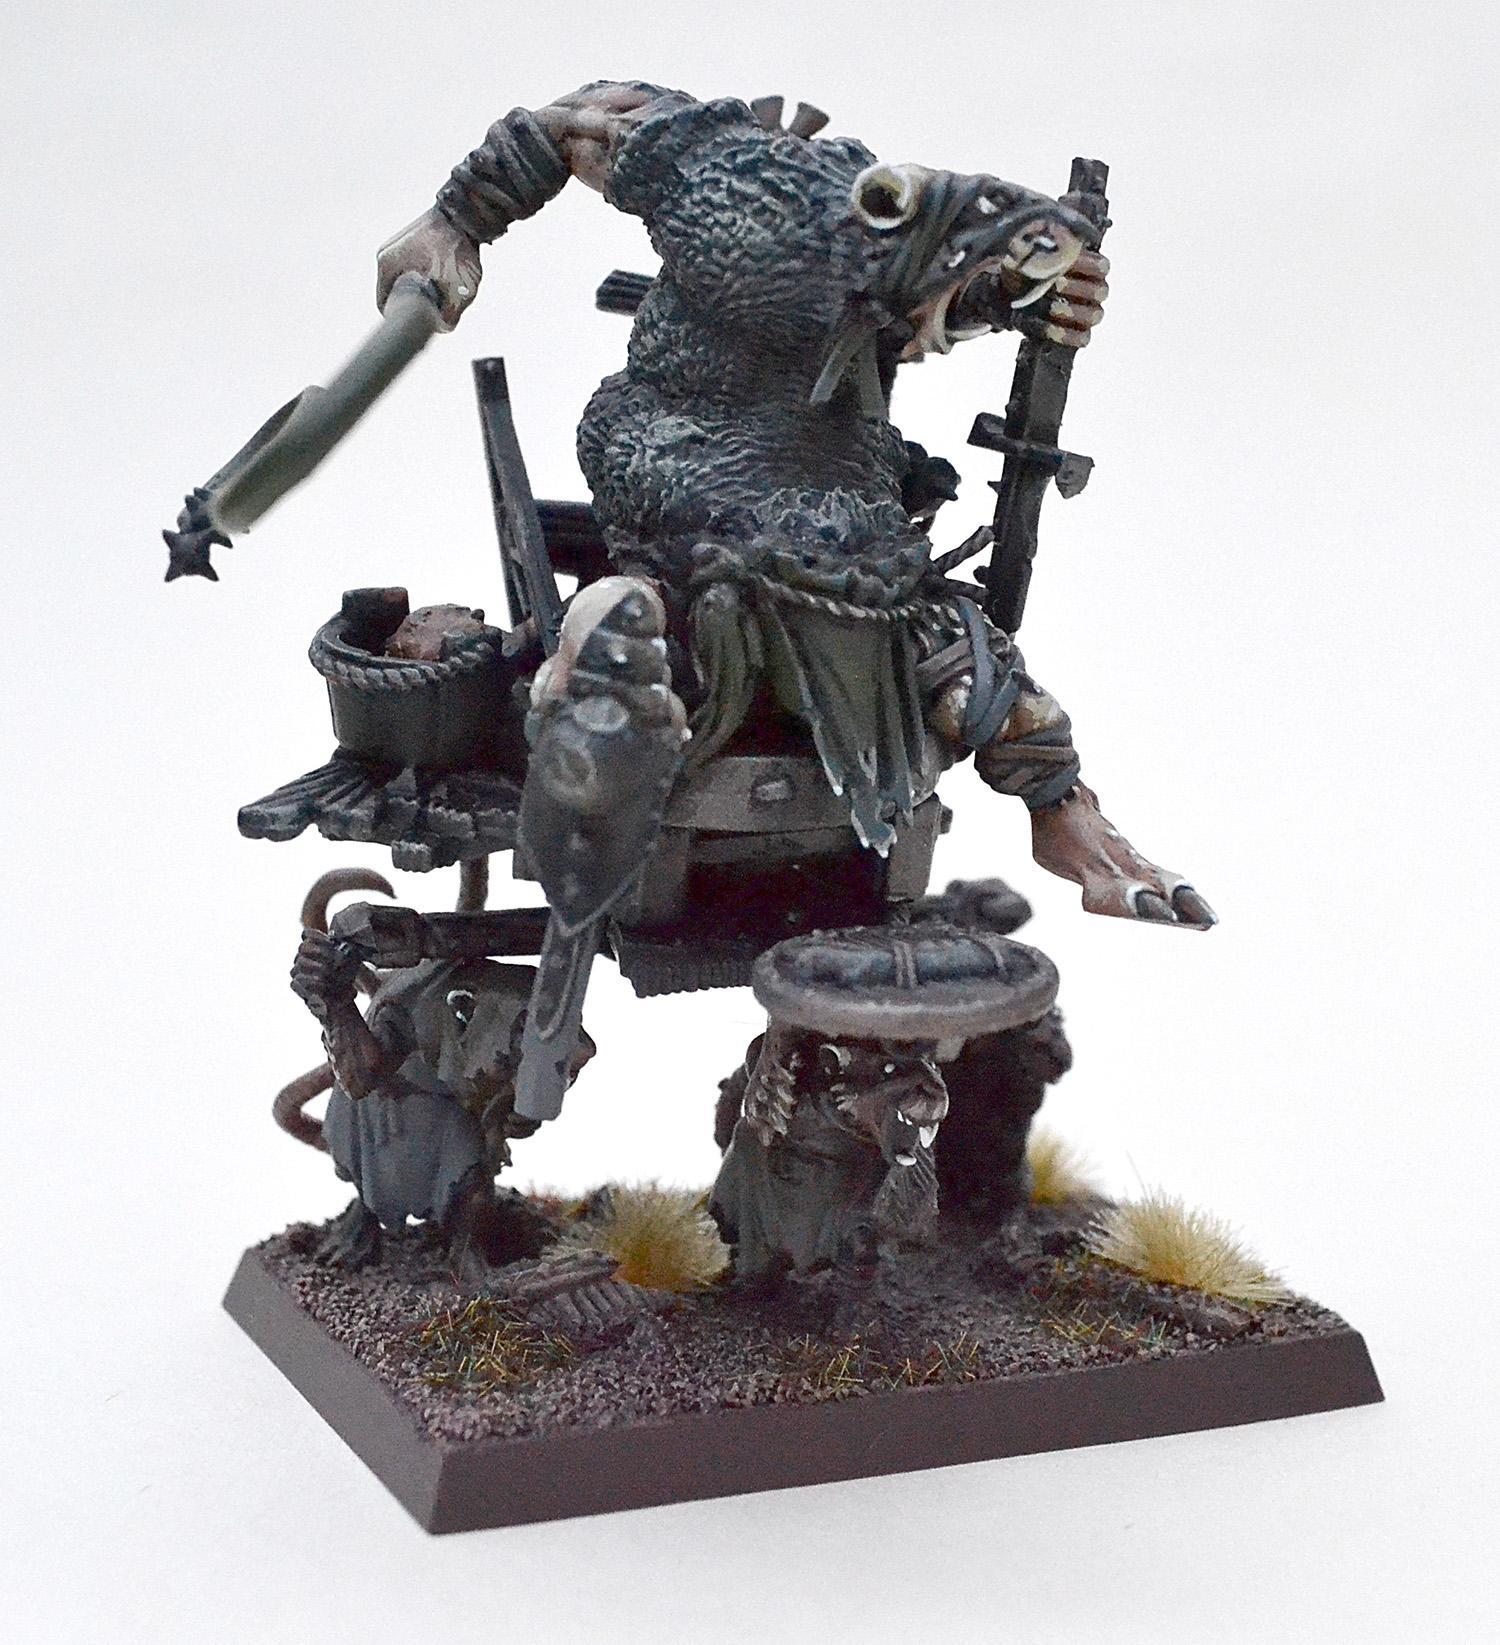 Skaven Warlord (kitbashed)